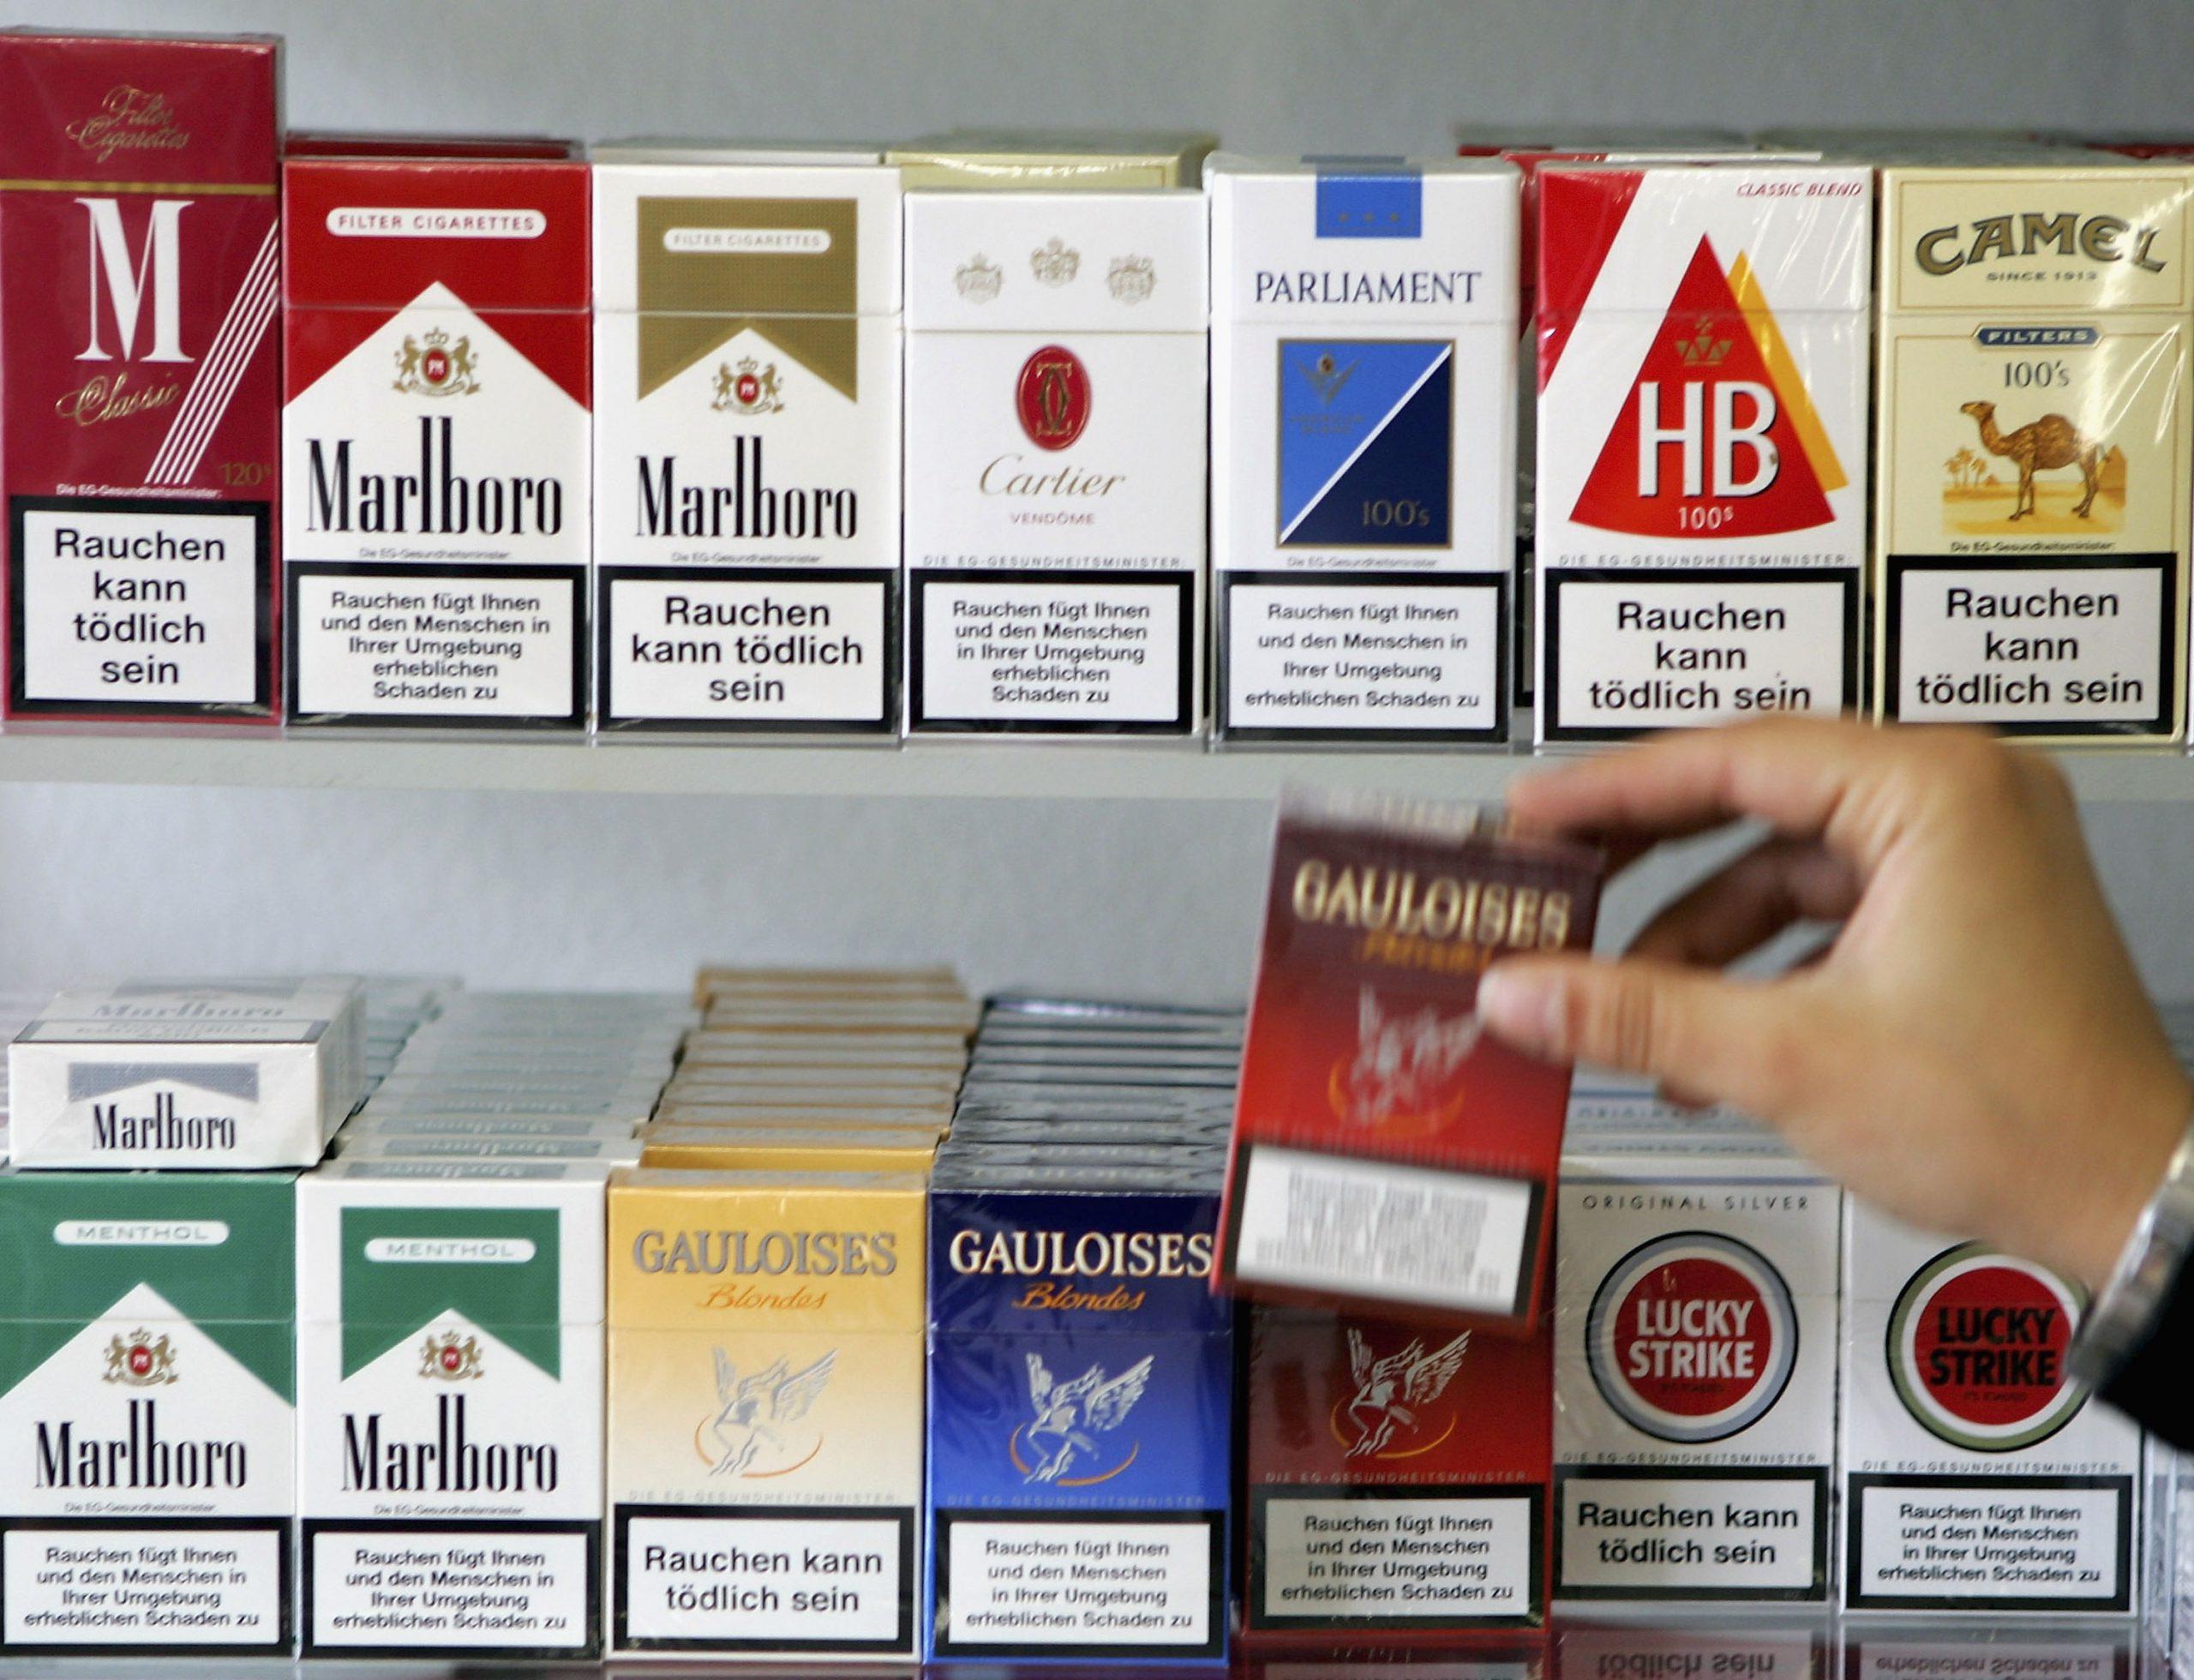 sigarette, fumo, tabacco